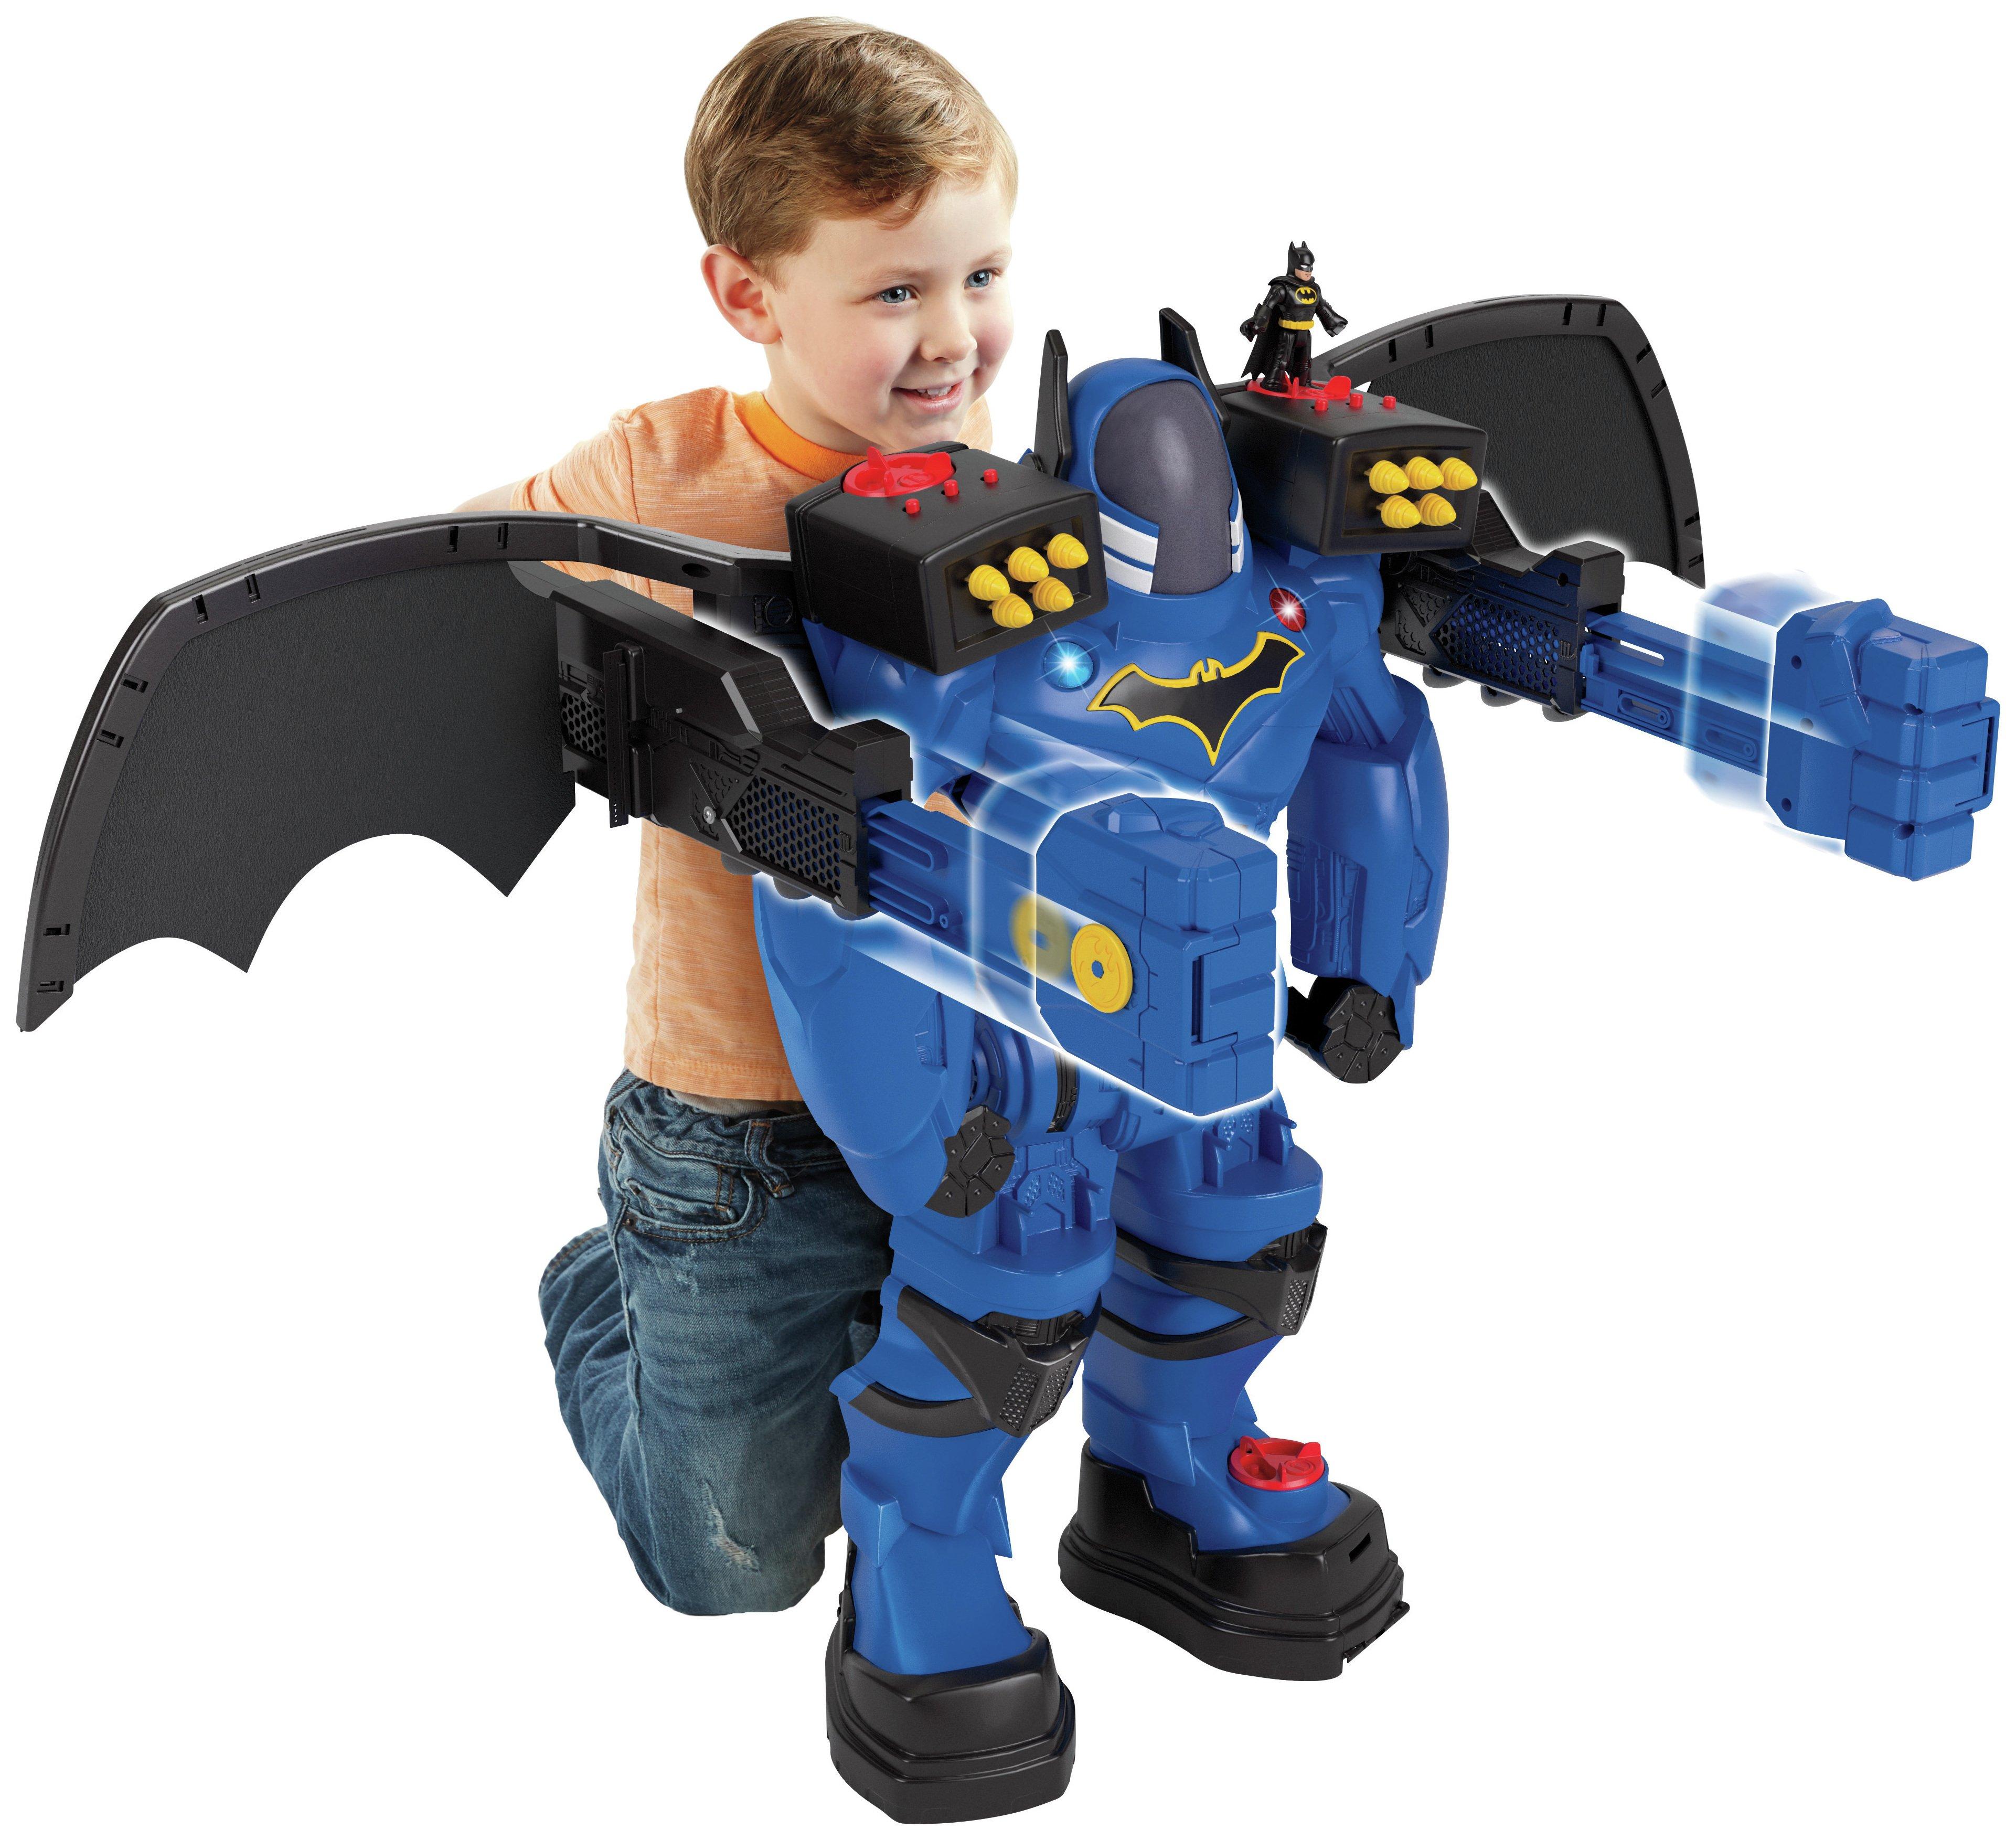 Image of Imaginext DC Super Friends Batbot Xtreme